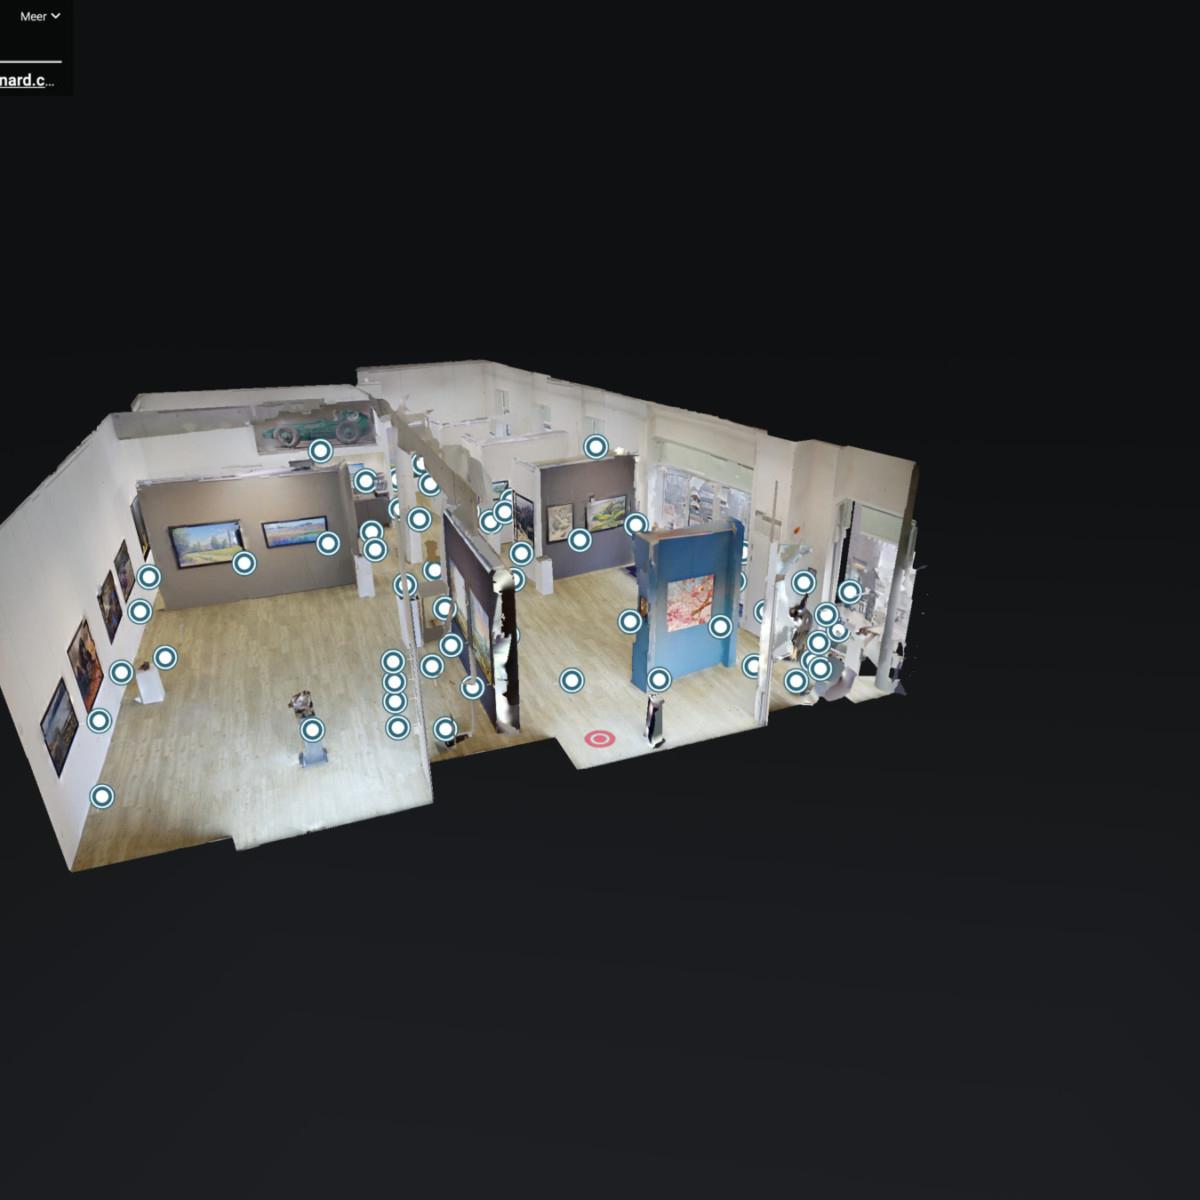 schermafbeelding-2021-04-28-om-17.29.43